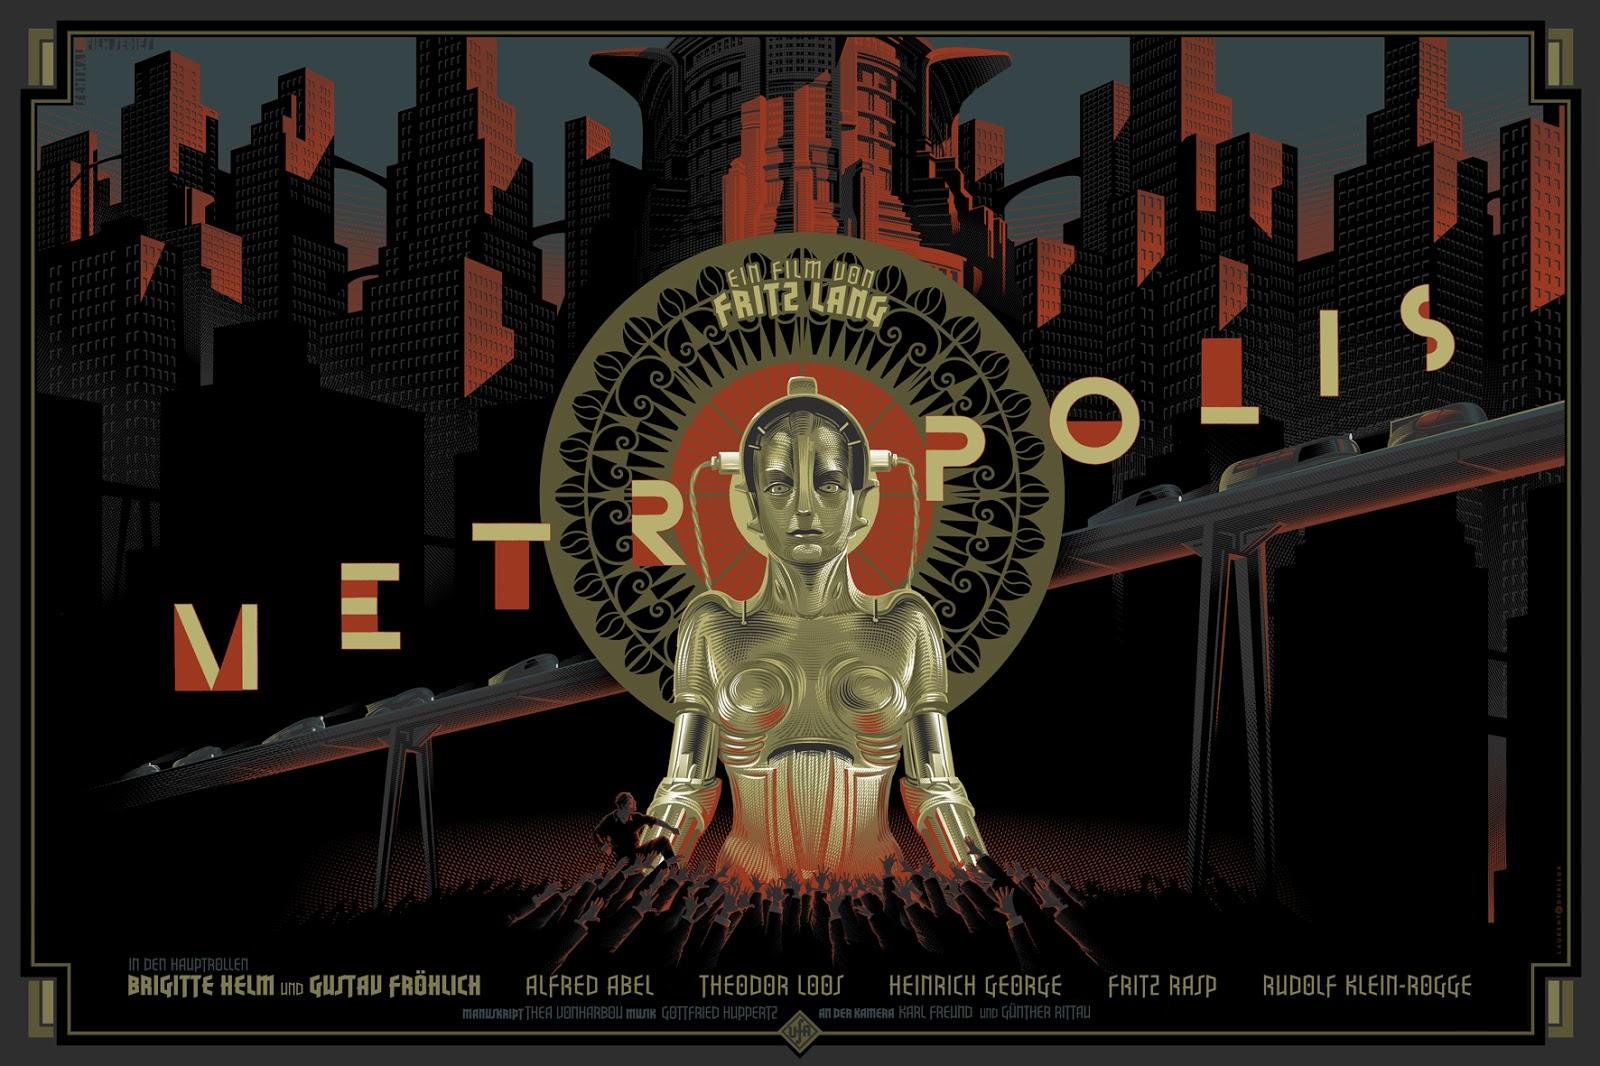 Metropolis-movie-poster-Laurent-Durieux